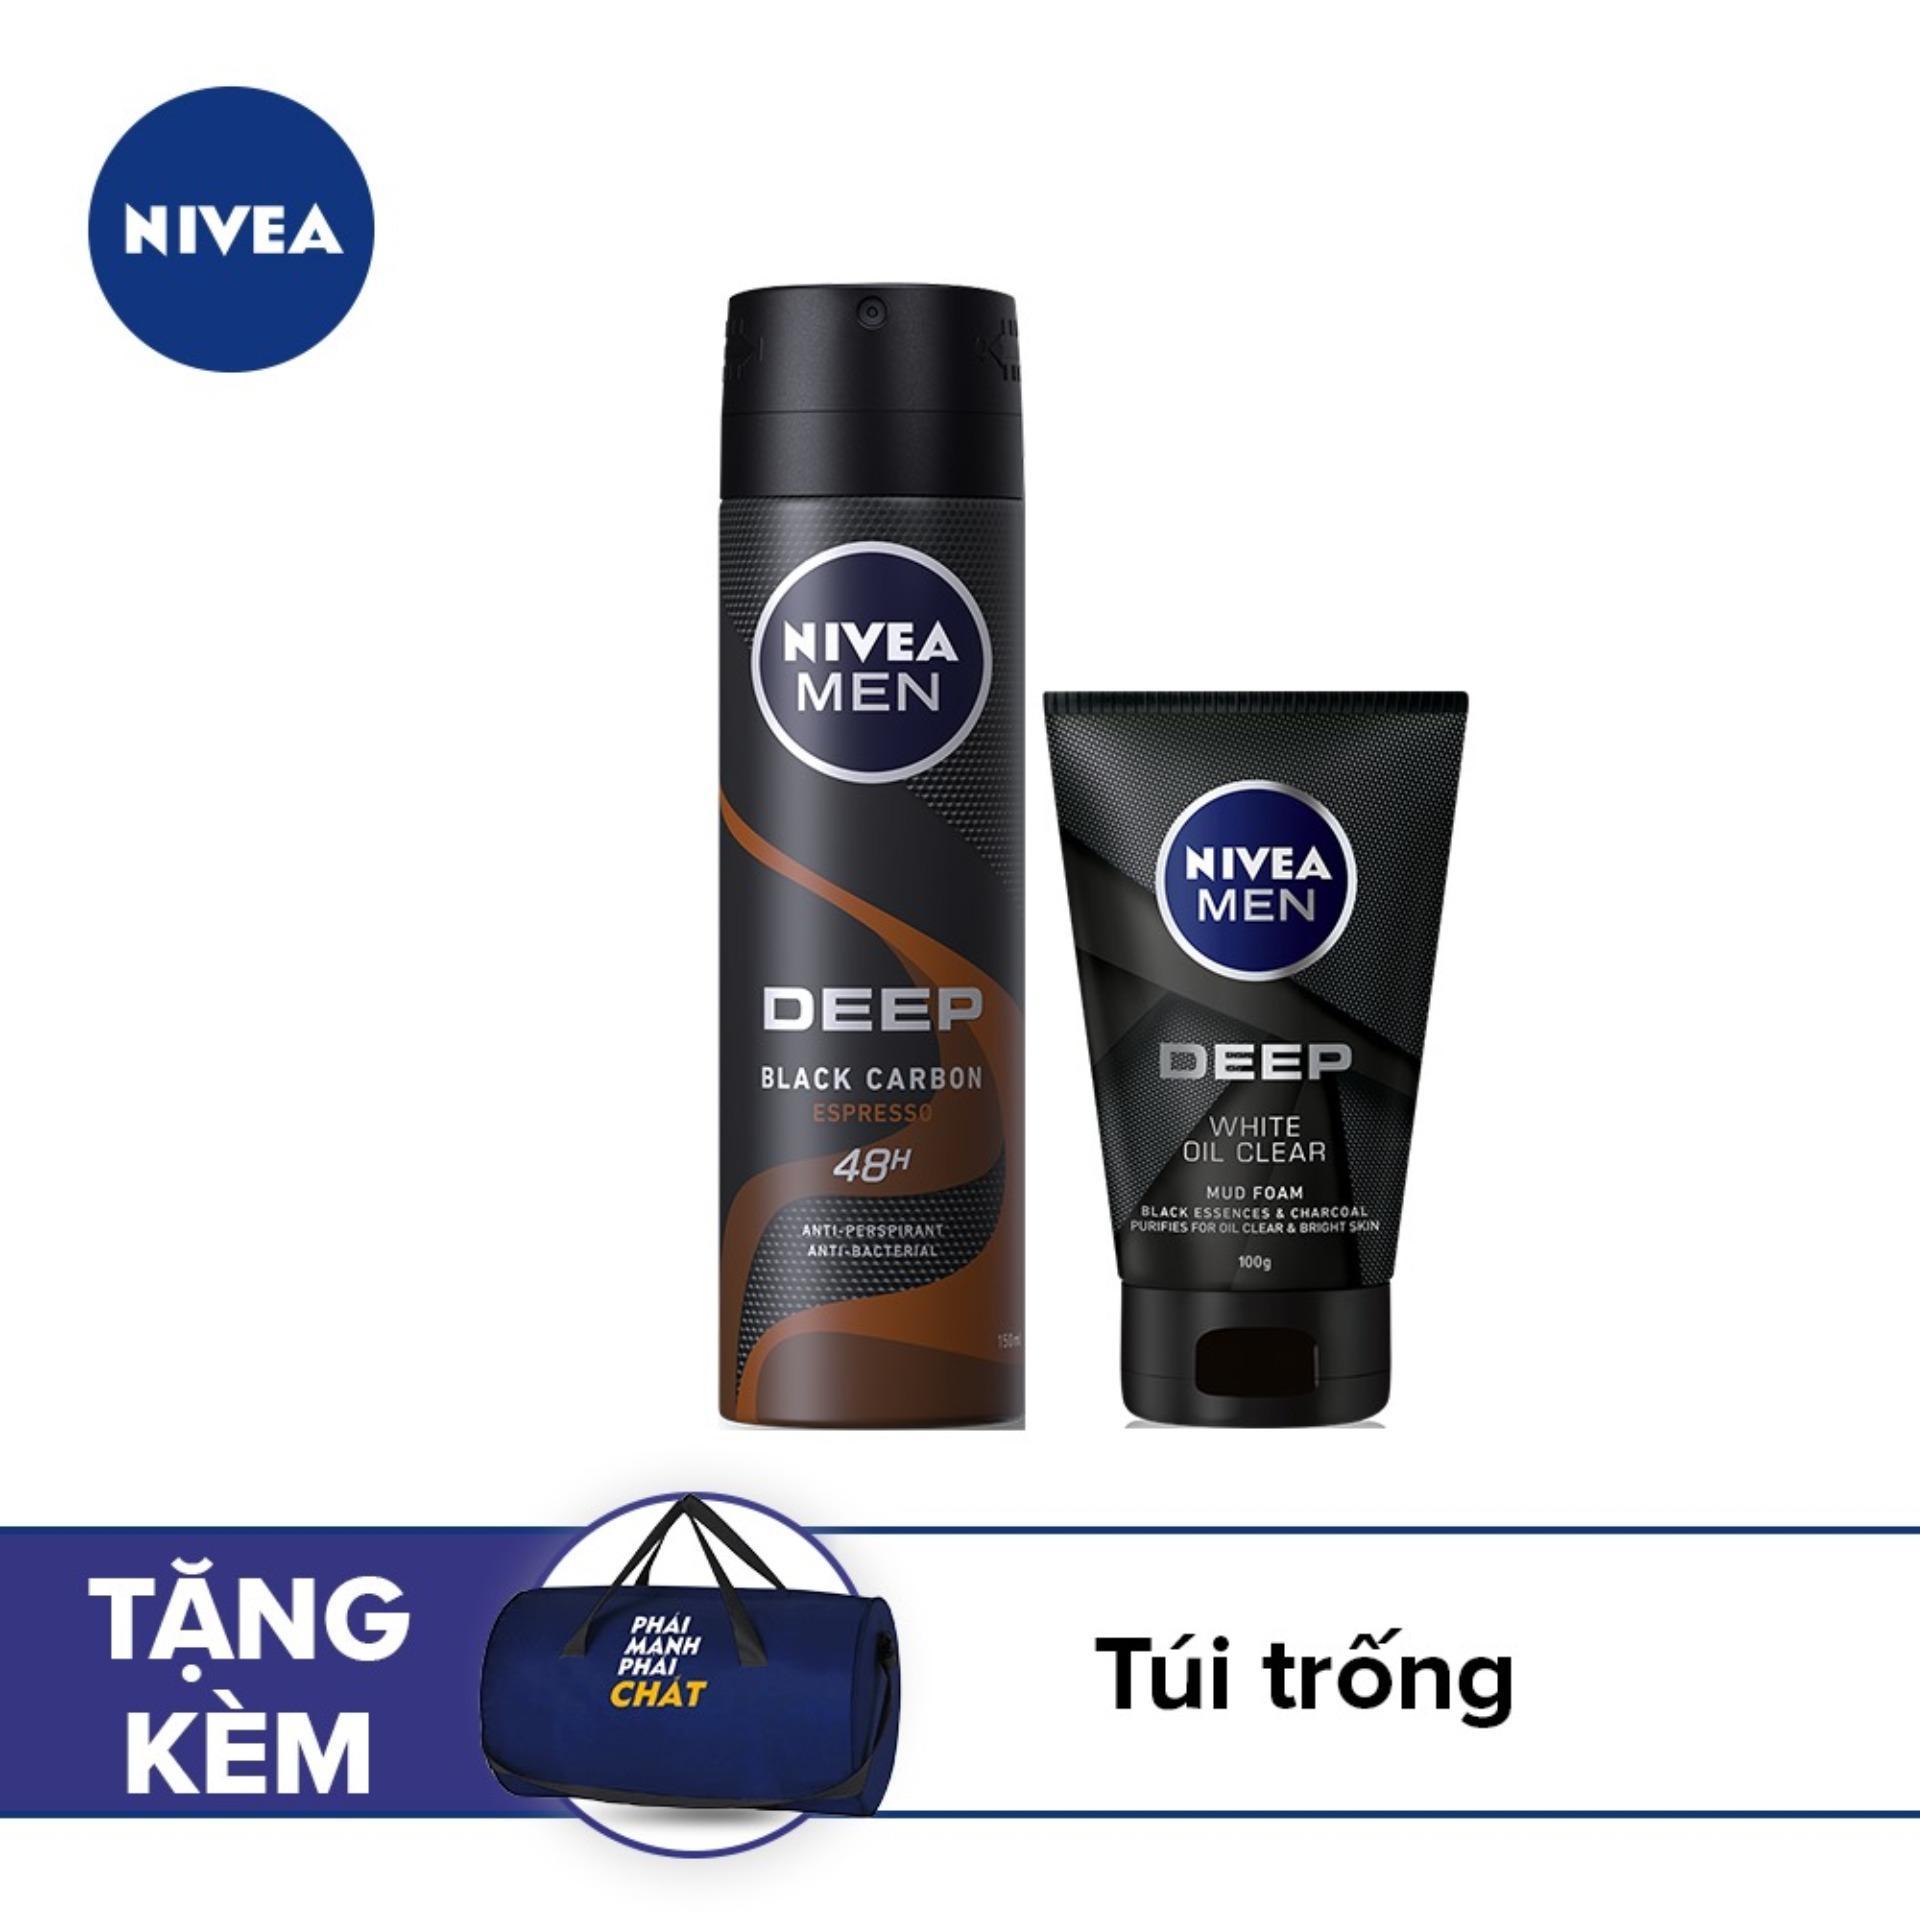 [Tặng Túi trống thời trang] Bộ sản phẩm Sữa rửa mặt Nivea than đen hoạt tính 100g & Xịt ngăn mùi than đen Nivea hương Espresso 150ml cao cấp